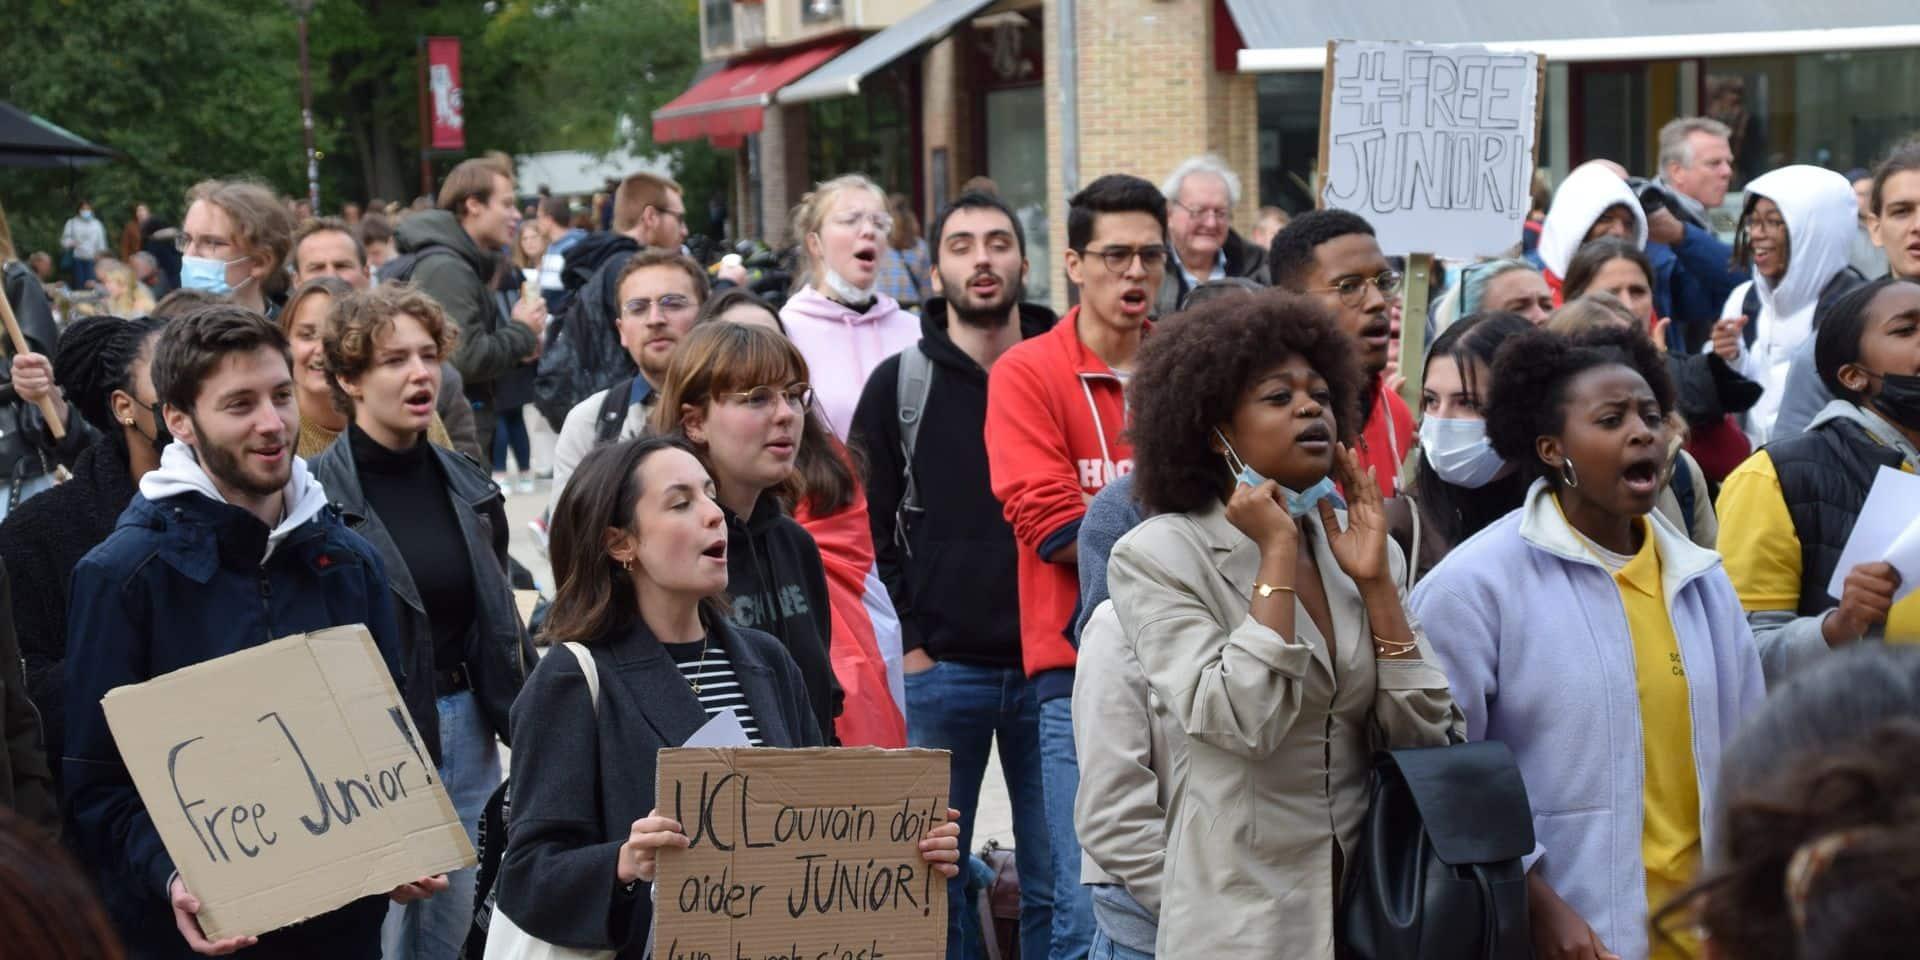 Une centaine de personnes rassemblées à Louvain-la-Neuve pour réclamer la libération de Junior